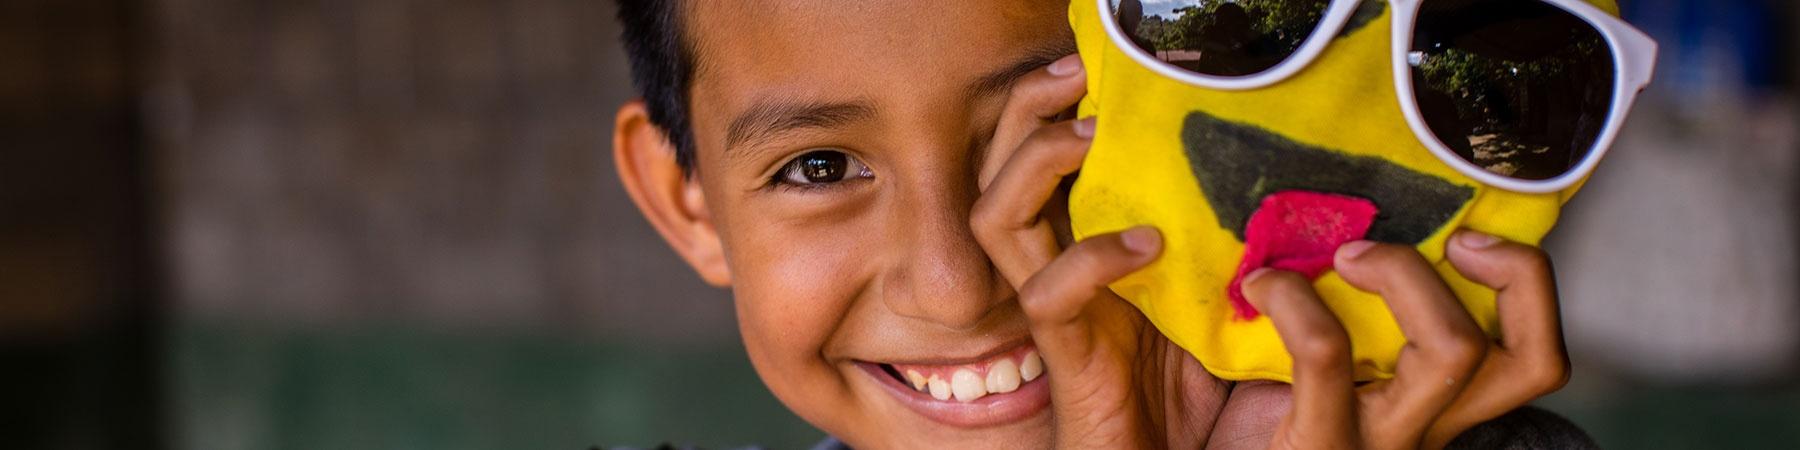 bambino sorridente in primo piano con una maschera gialla davanti a metà volto